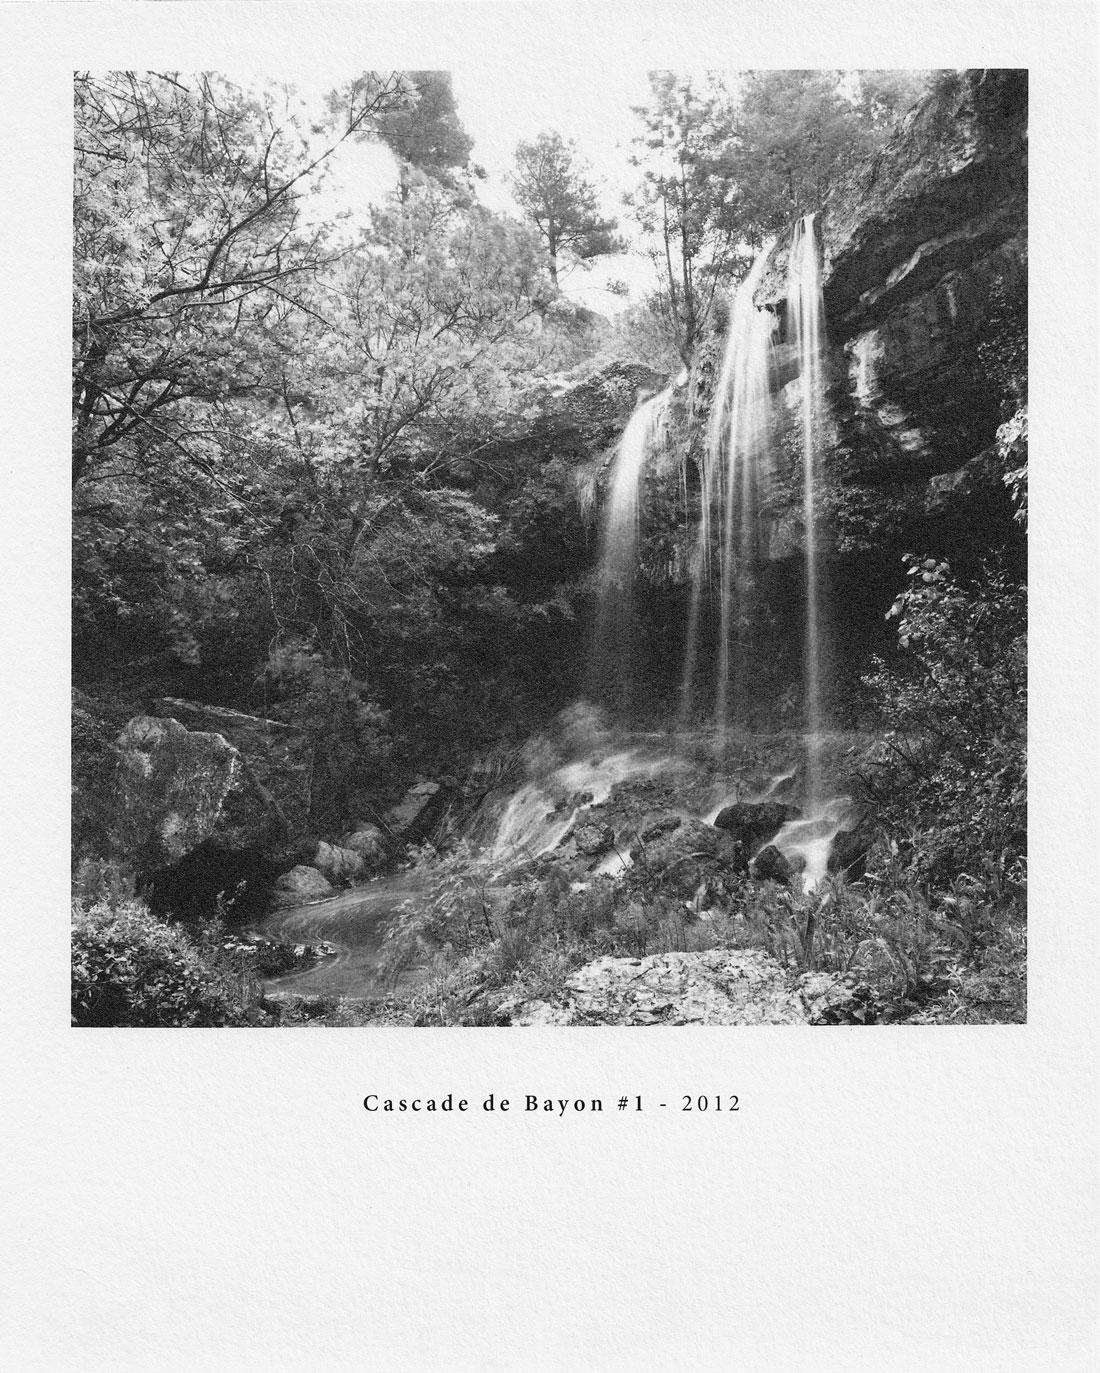 26-Cascade-Bayon-1